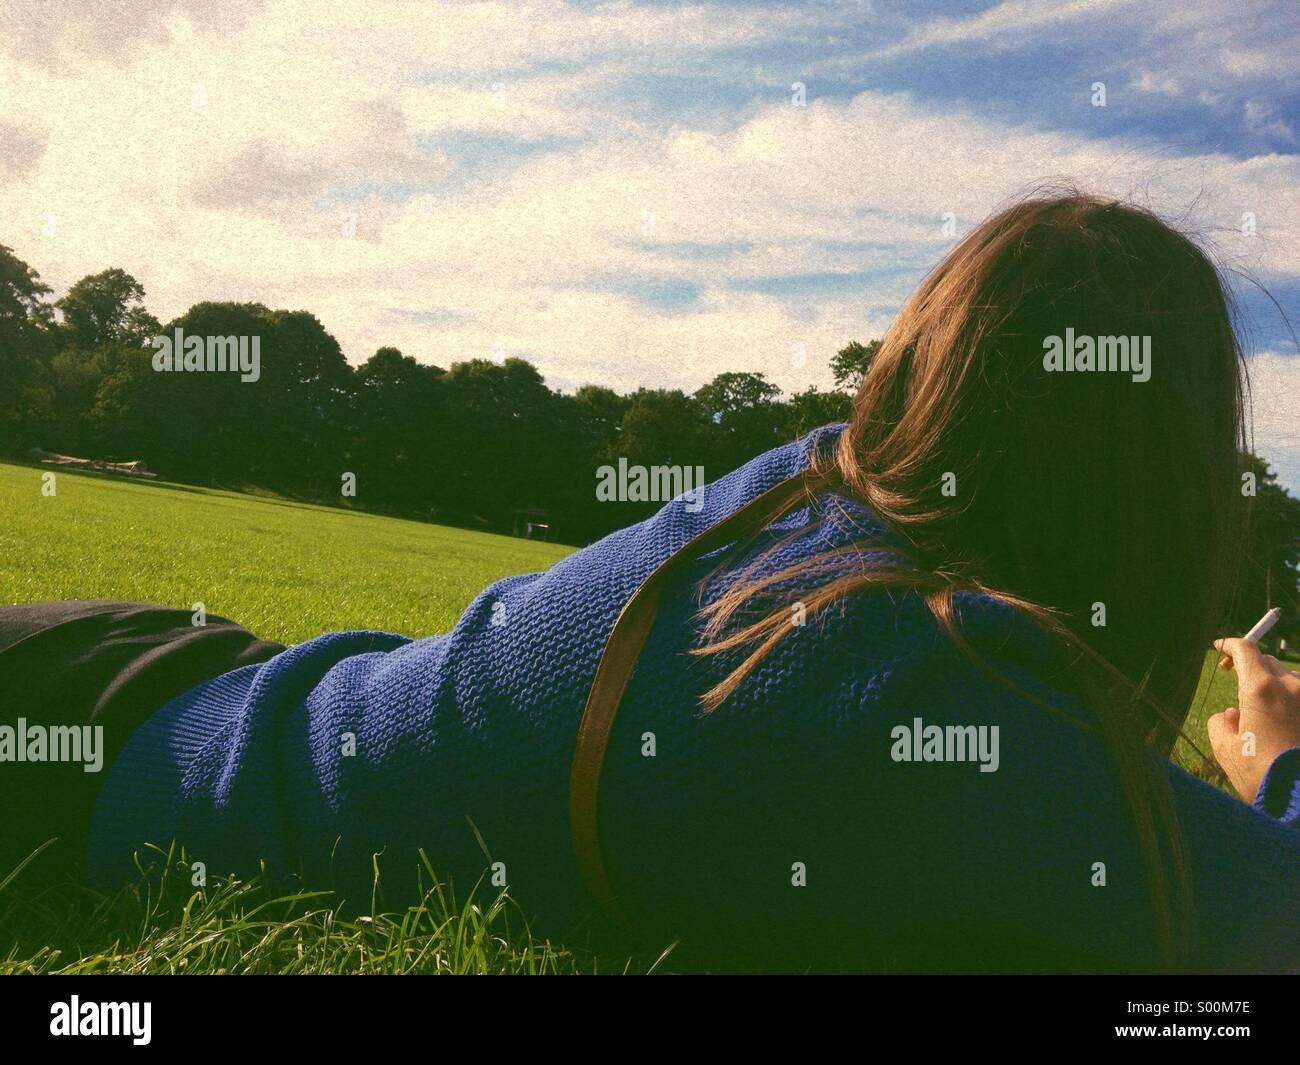 Chica busca lejos Imagen De Stock